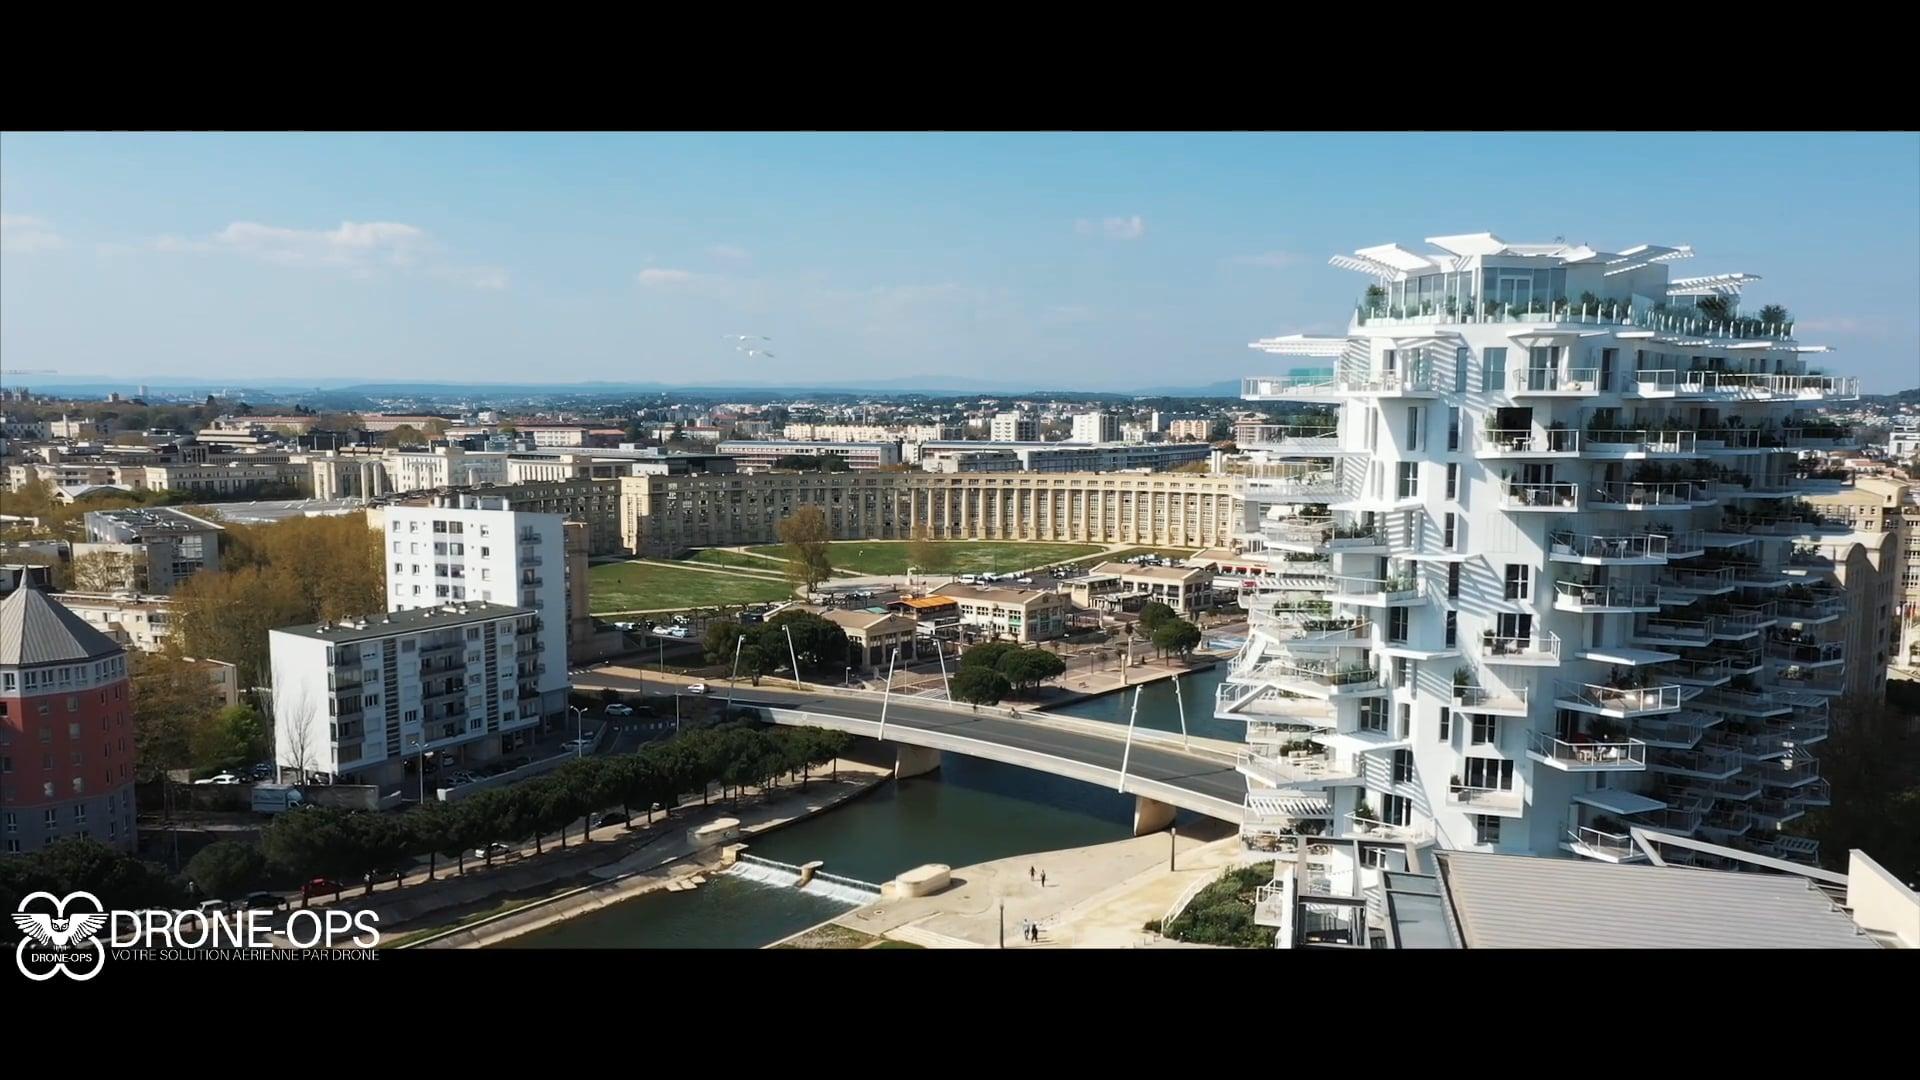 DRONE-OPS - Montpellier par drone pendant le COVID-19